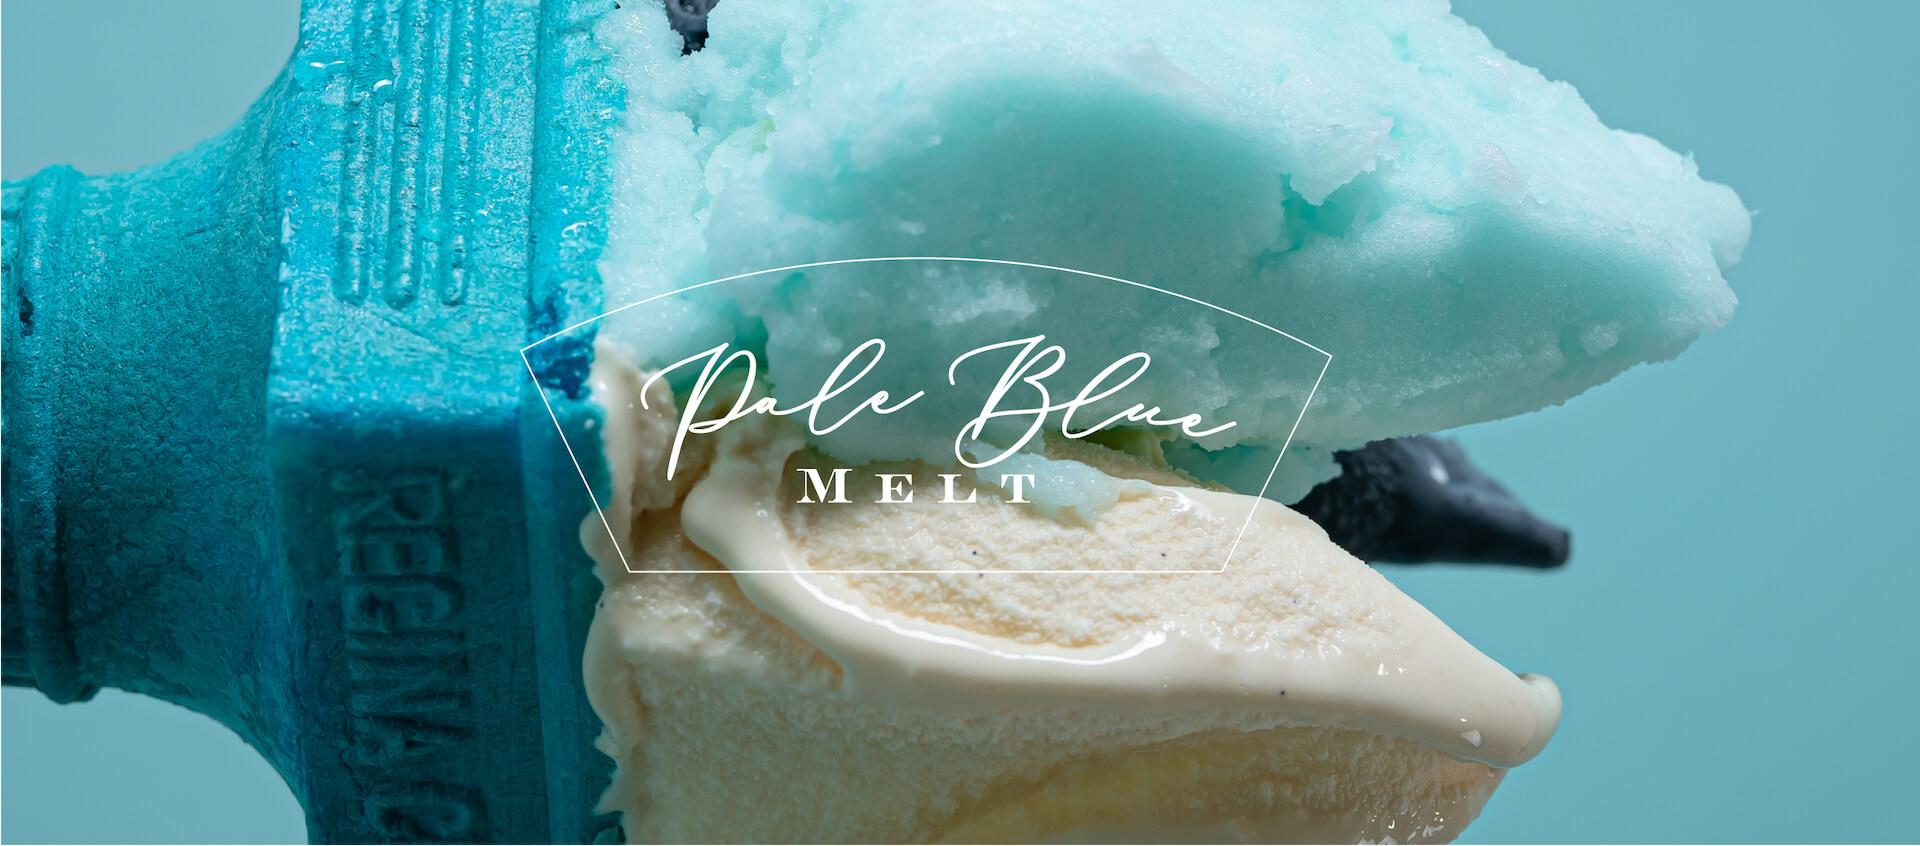 米津玄師『Pale Blue』の楽曲をイメージしたジェラートが期間限定ショップ「Pale Blue Melt」で発売決定! gourmet210827_yonezukenshi_2